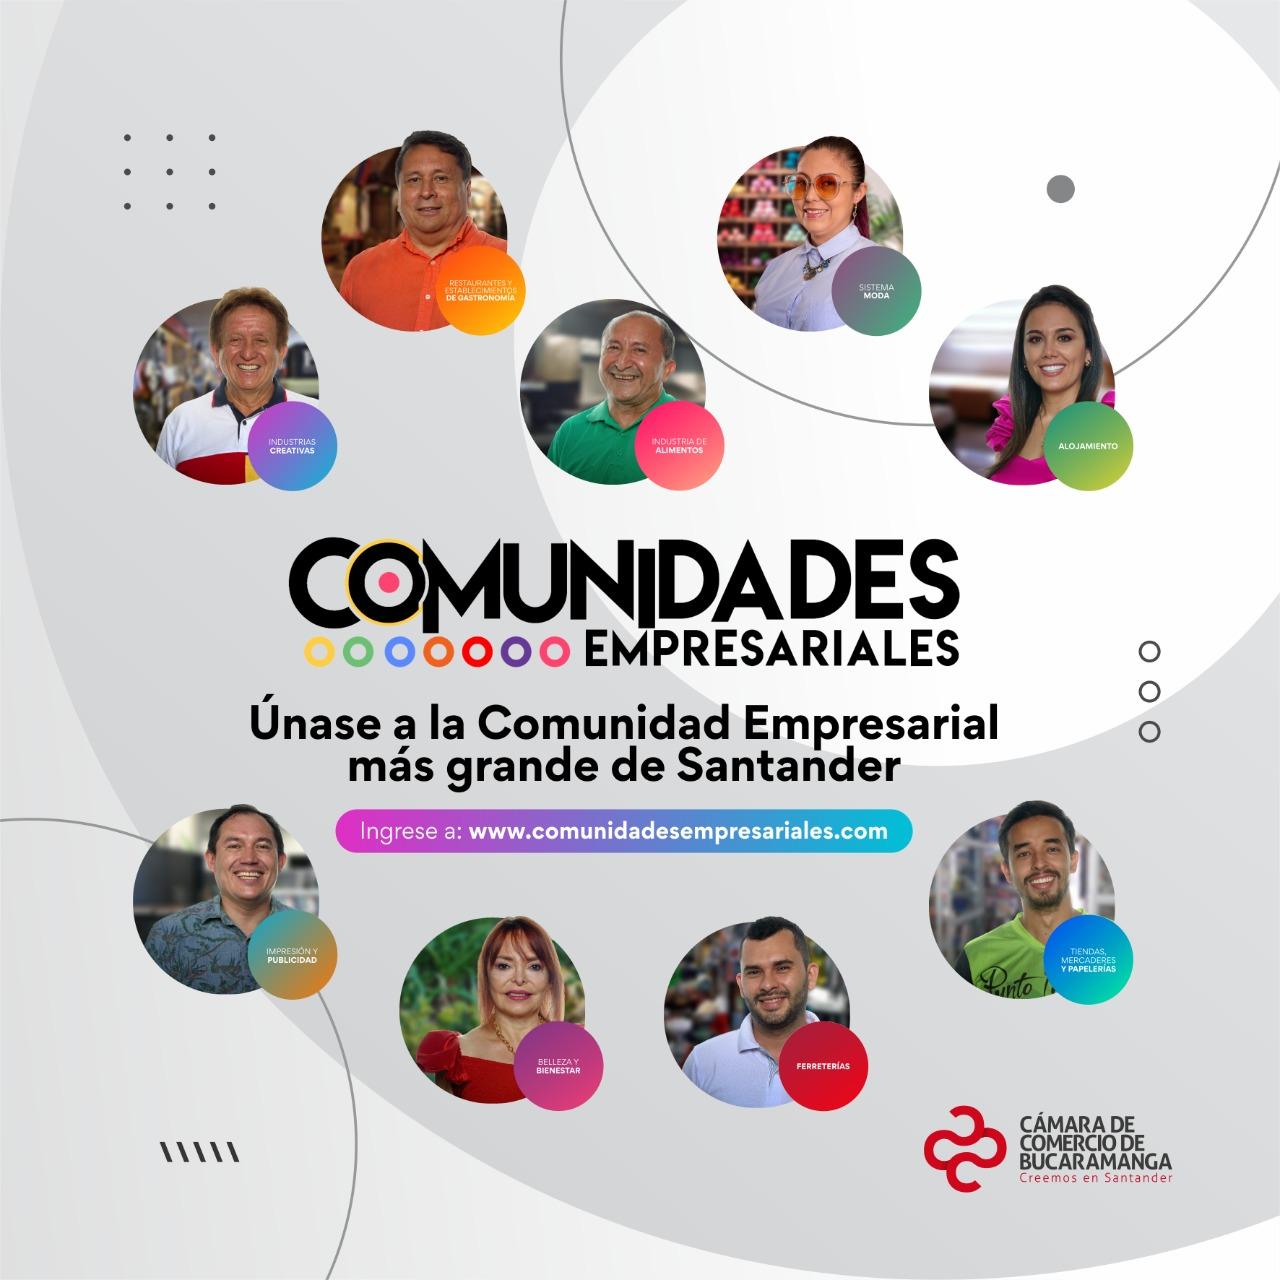 plataformas empresariales - Comunidades empresariales